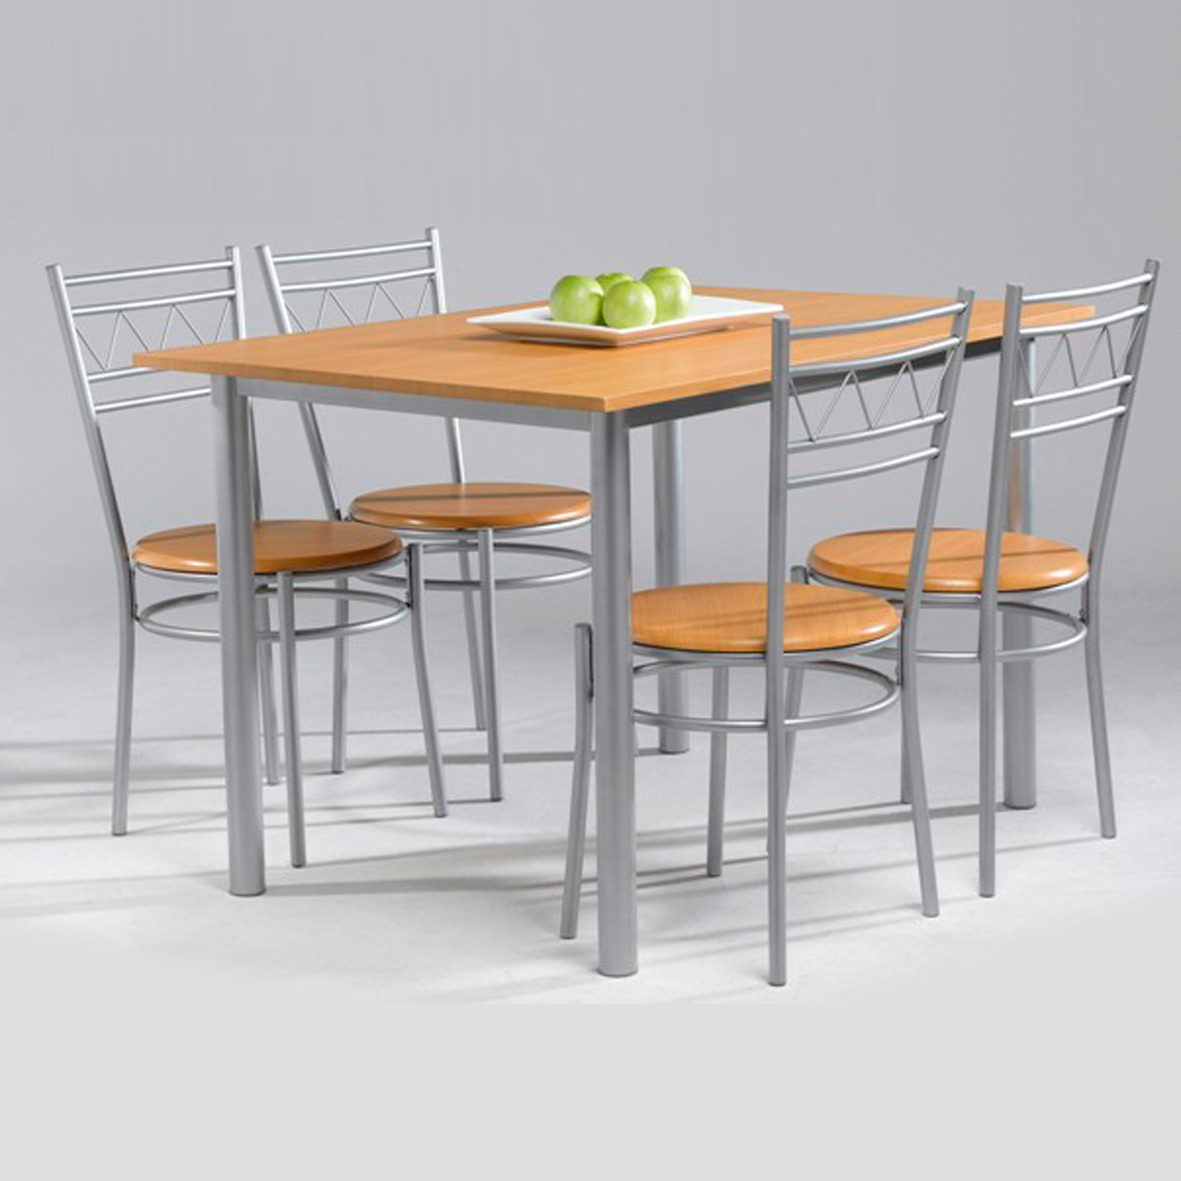 Conjunto anillo de mesa de cocina 4 sillas muebles - Mesas de cocina y sillas ...